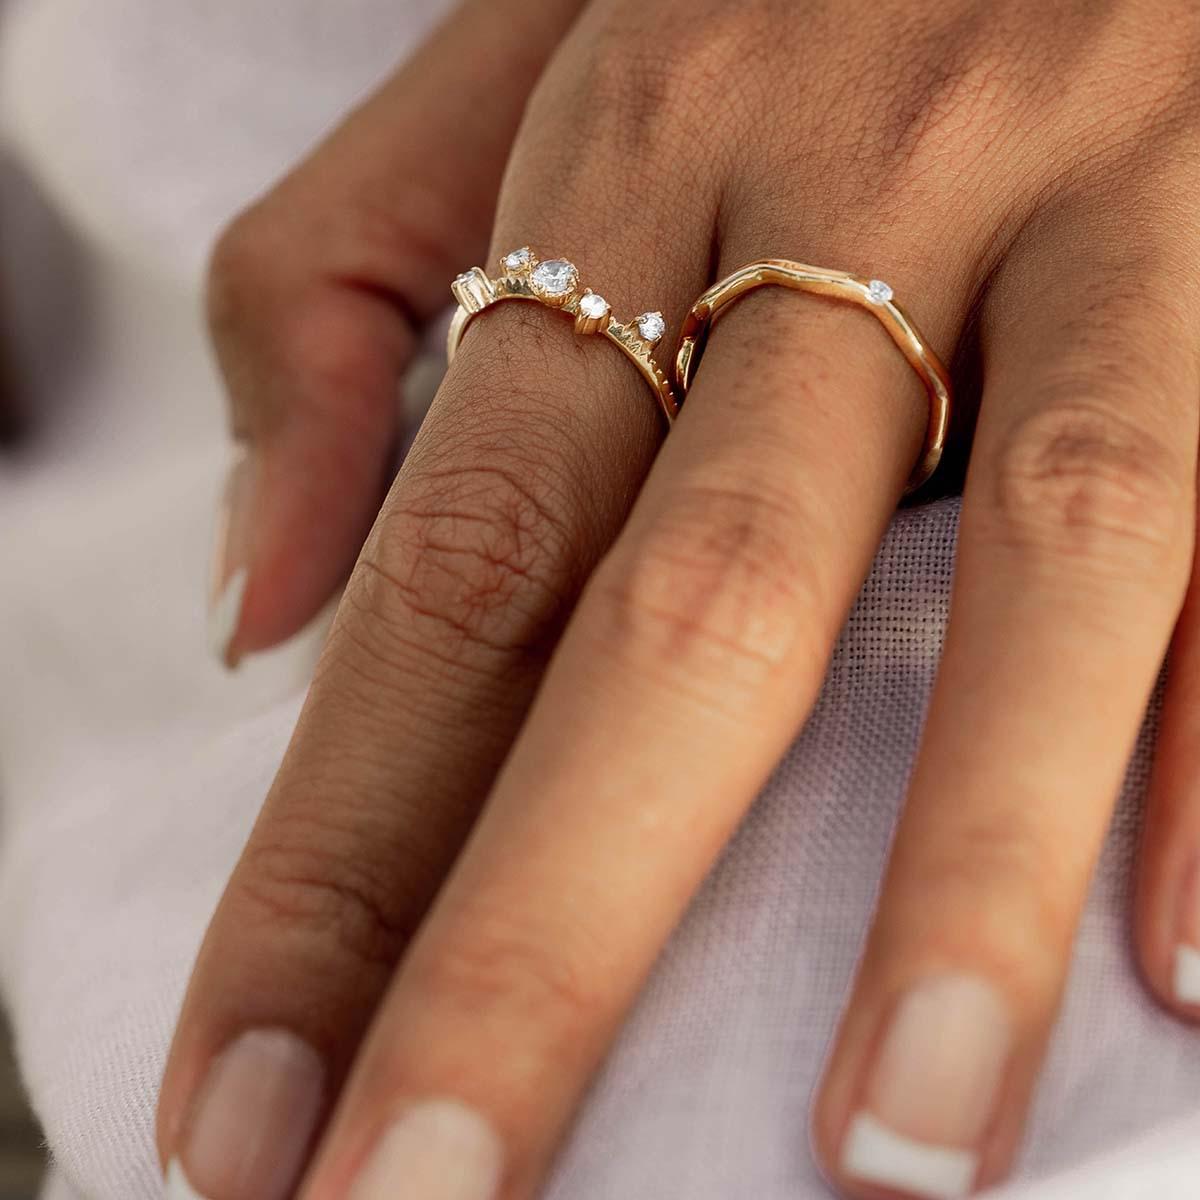 Hands wearing Scéona rings